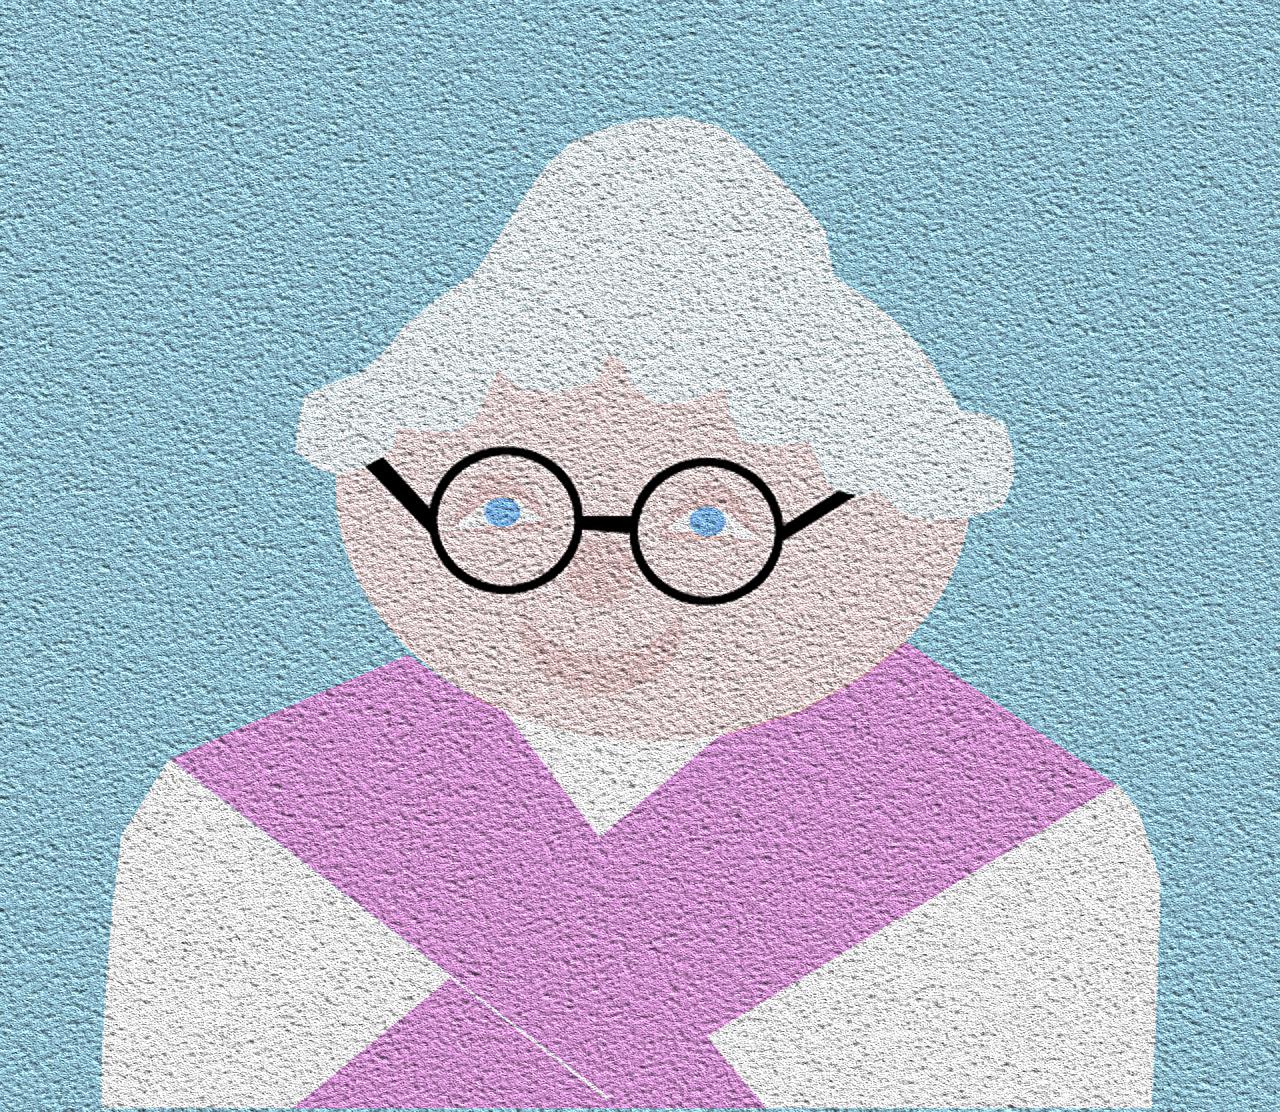 5 תרופות סבתא לטיפול בשיעול